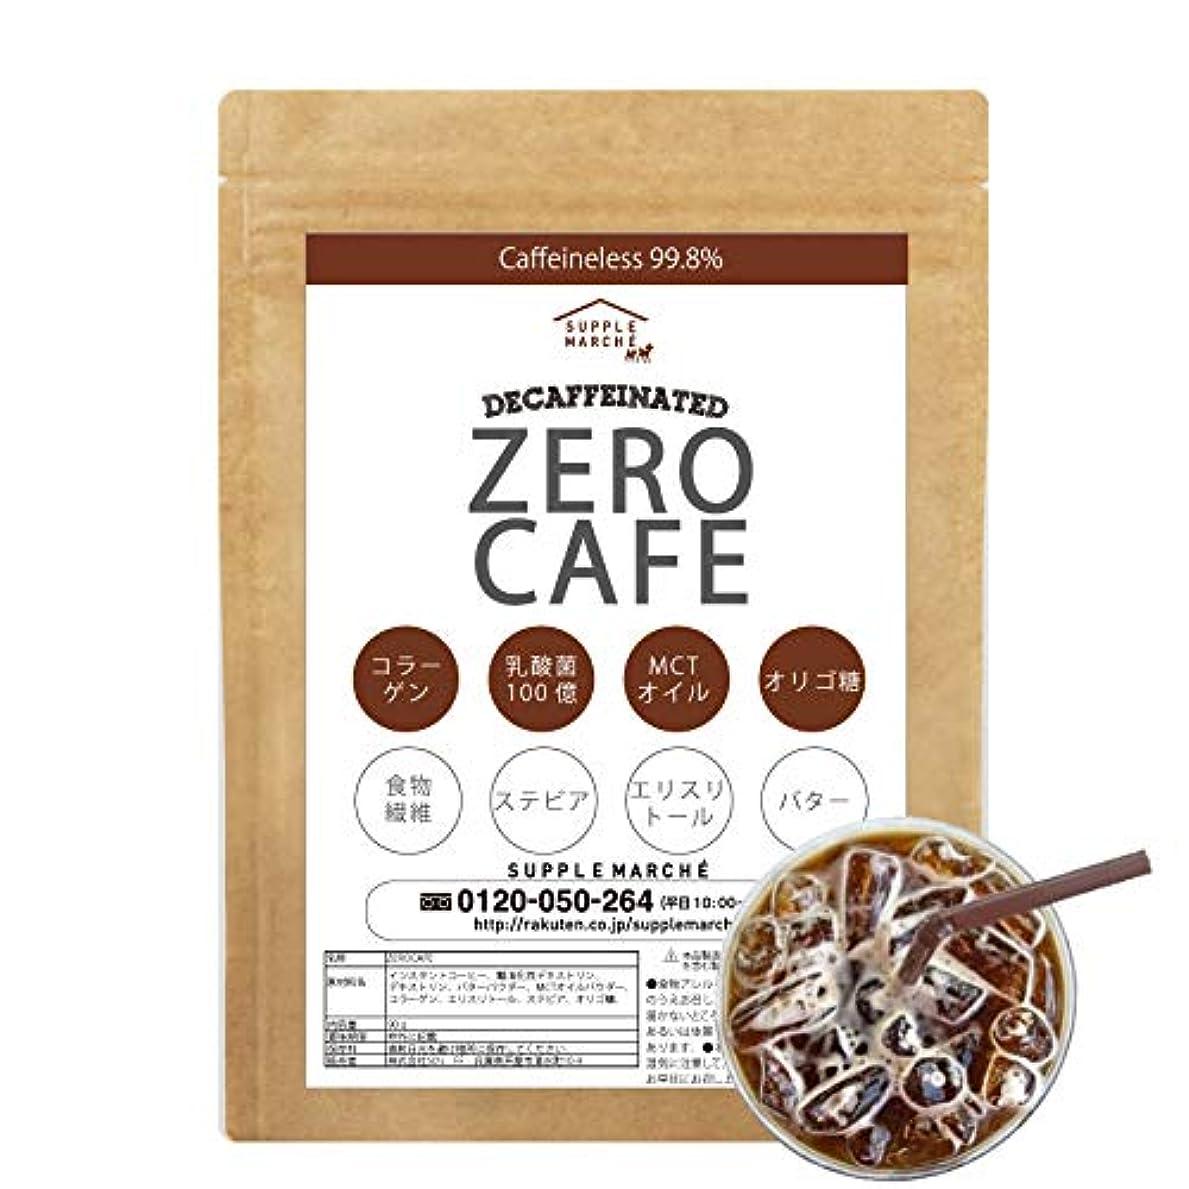 言語なにガードダイエットコーヒー デカフェ バターコーヒー 90g (約30杯) アイスコーヒー カフェインレス MCTオイル 乳酸菌 コラーゲン オリゴ糖 ダイエット シリコンバレー式